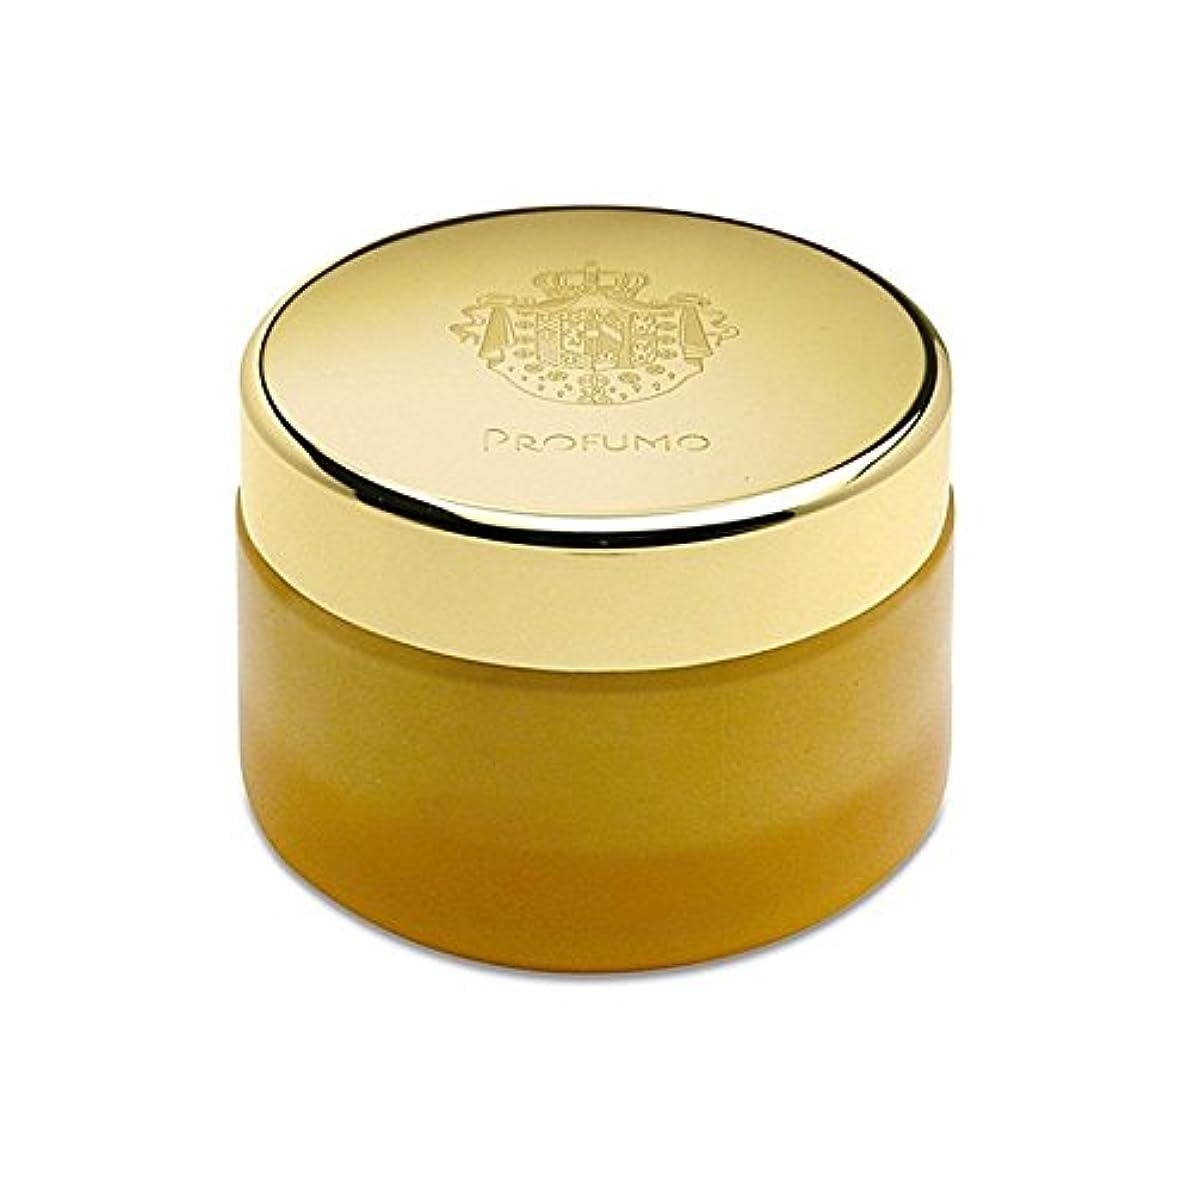 恥ずかしさ性的敏感なAcqua Di Parma Profumo Body Cream 200ml - アクアディパルマボディクリーム200ミリリットル [並行輸入品]